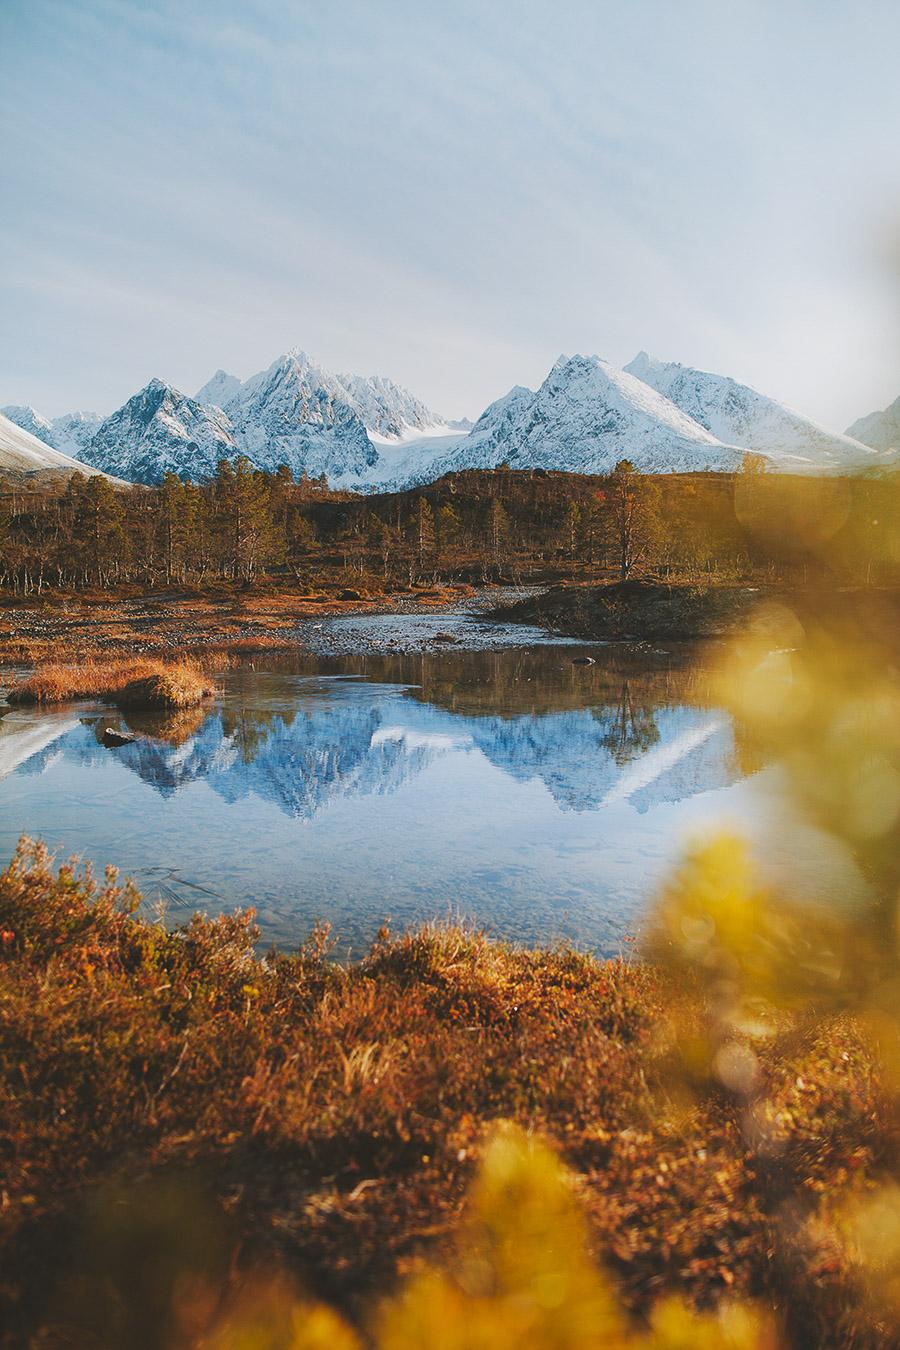 Peaks of Lyngen reflected in a river.